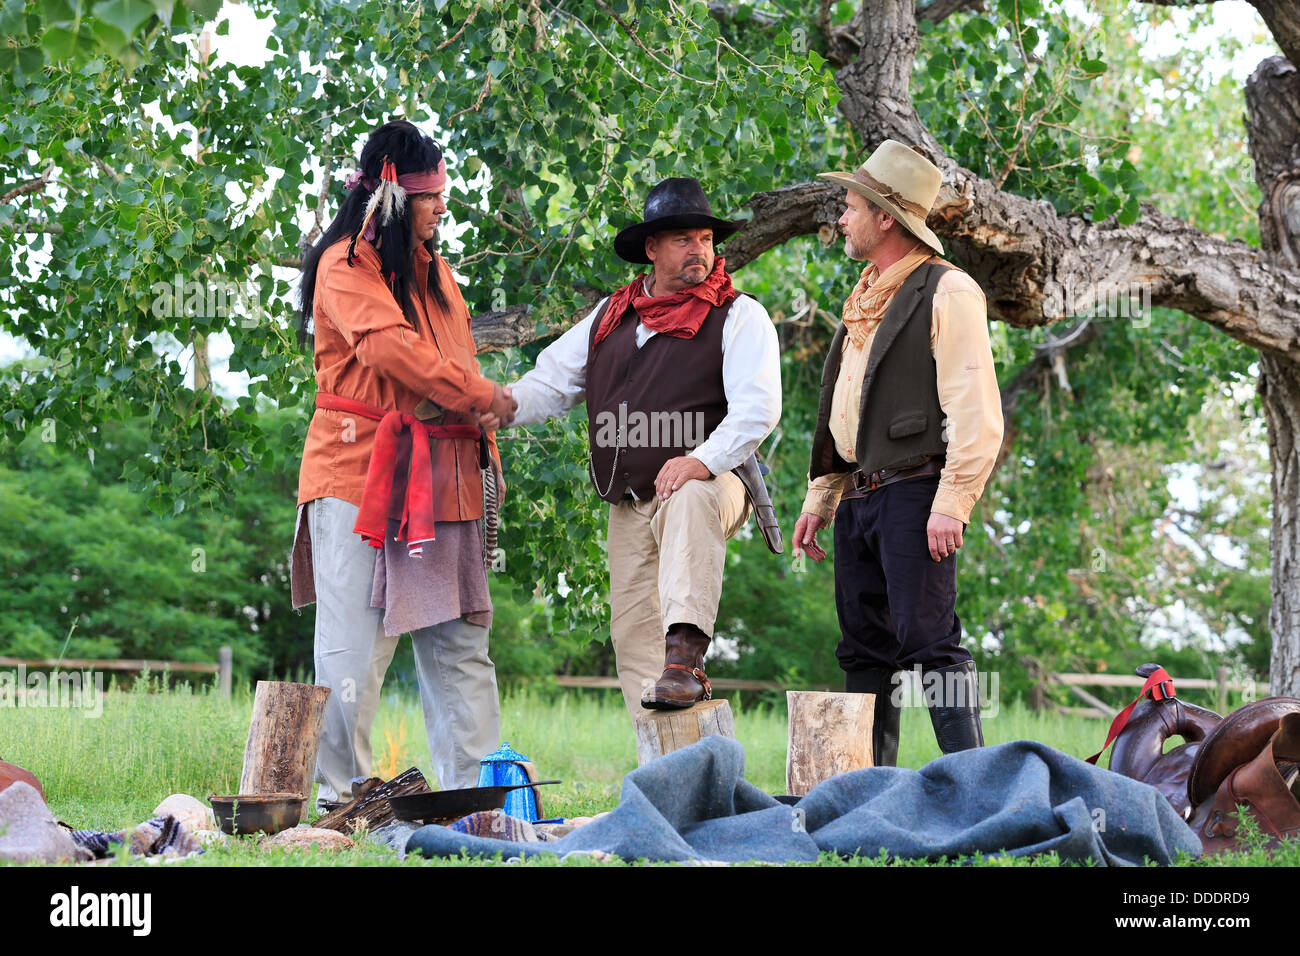 Cowboys et Indiens d'un accord sur les plans sur un feu de petit-déjeuner Photo Stock